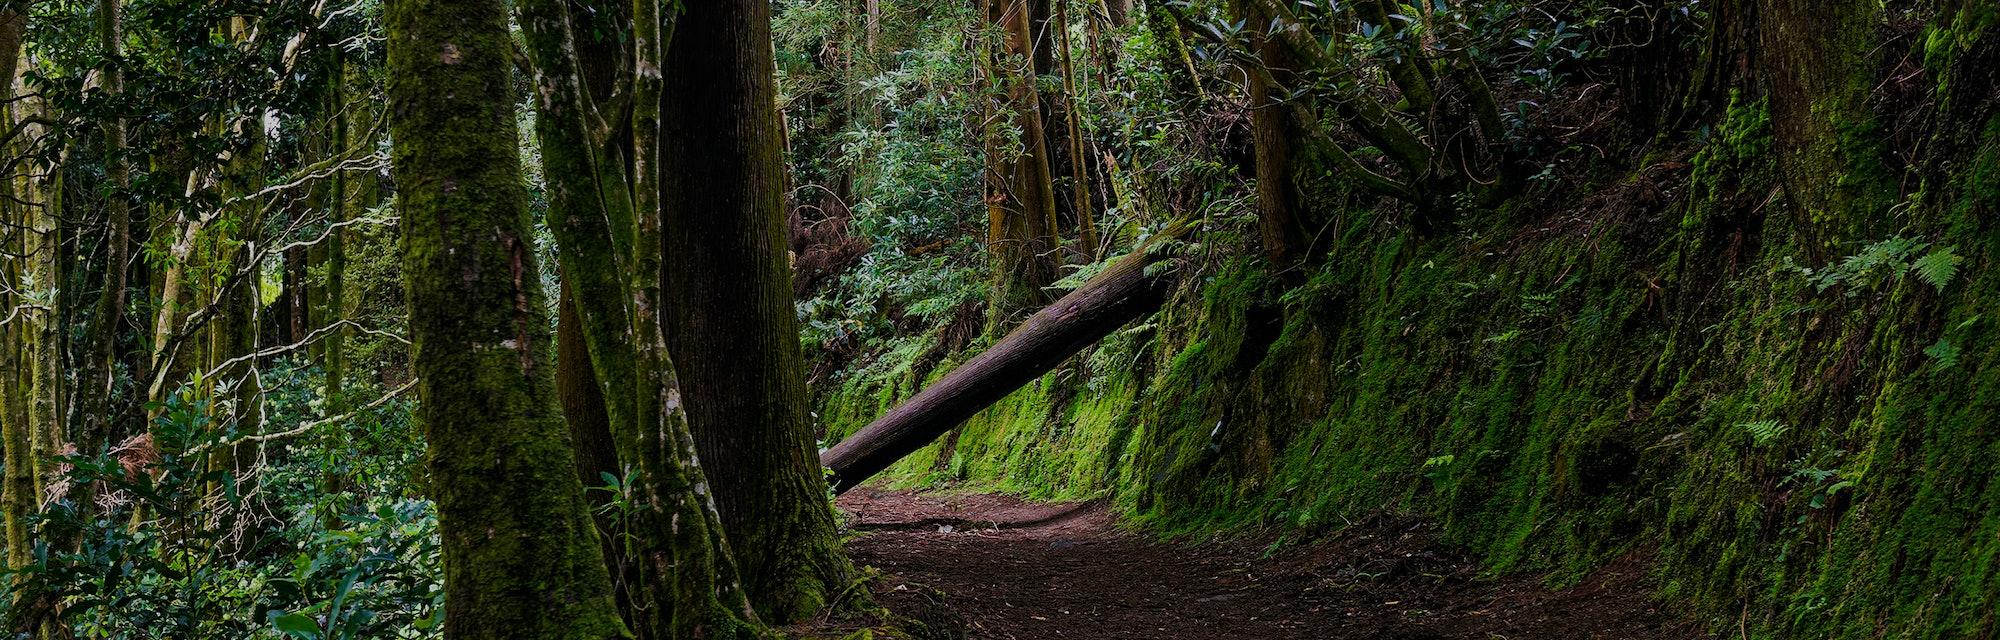 Dark forest road. Deep dark forest road trail. Forest road scene. Dark mossy forest road view